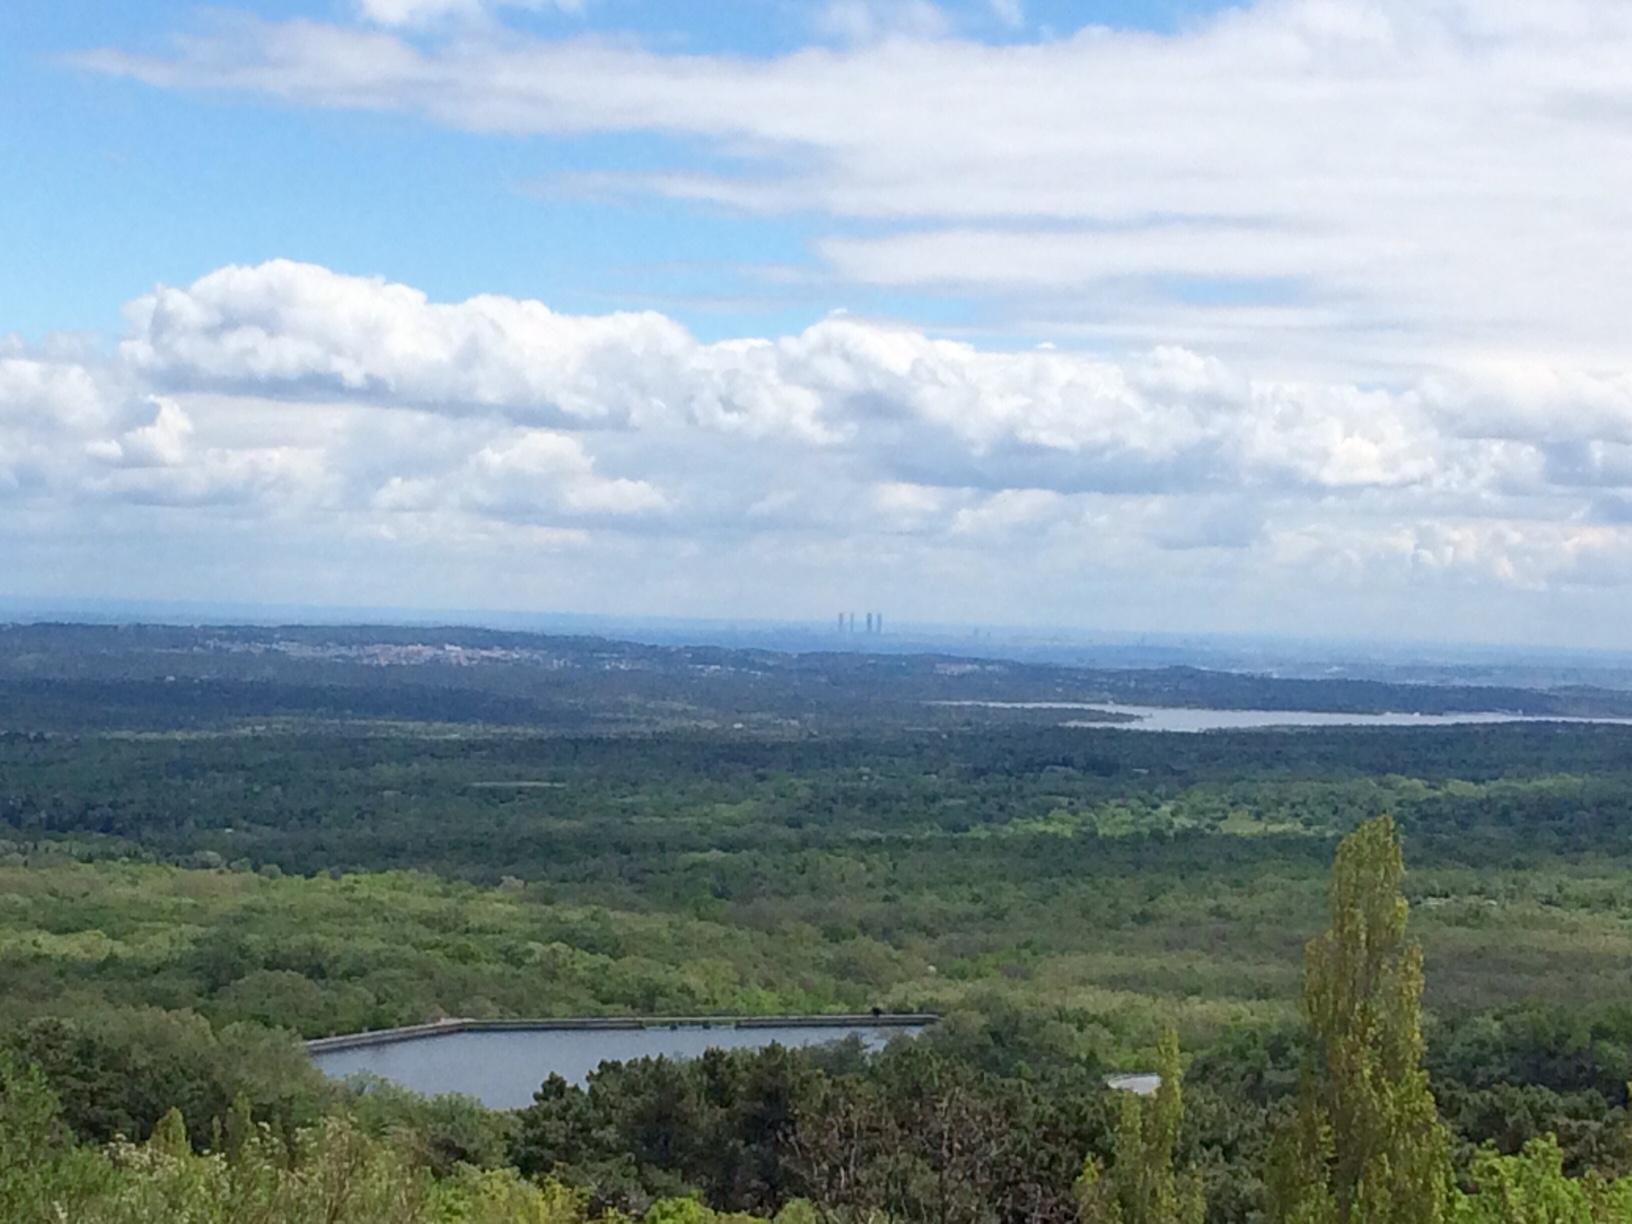 Vistas desde la ruta La horizontal en El Escorial